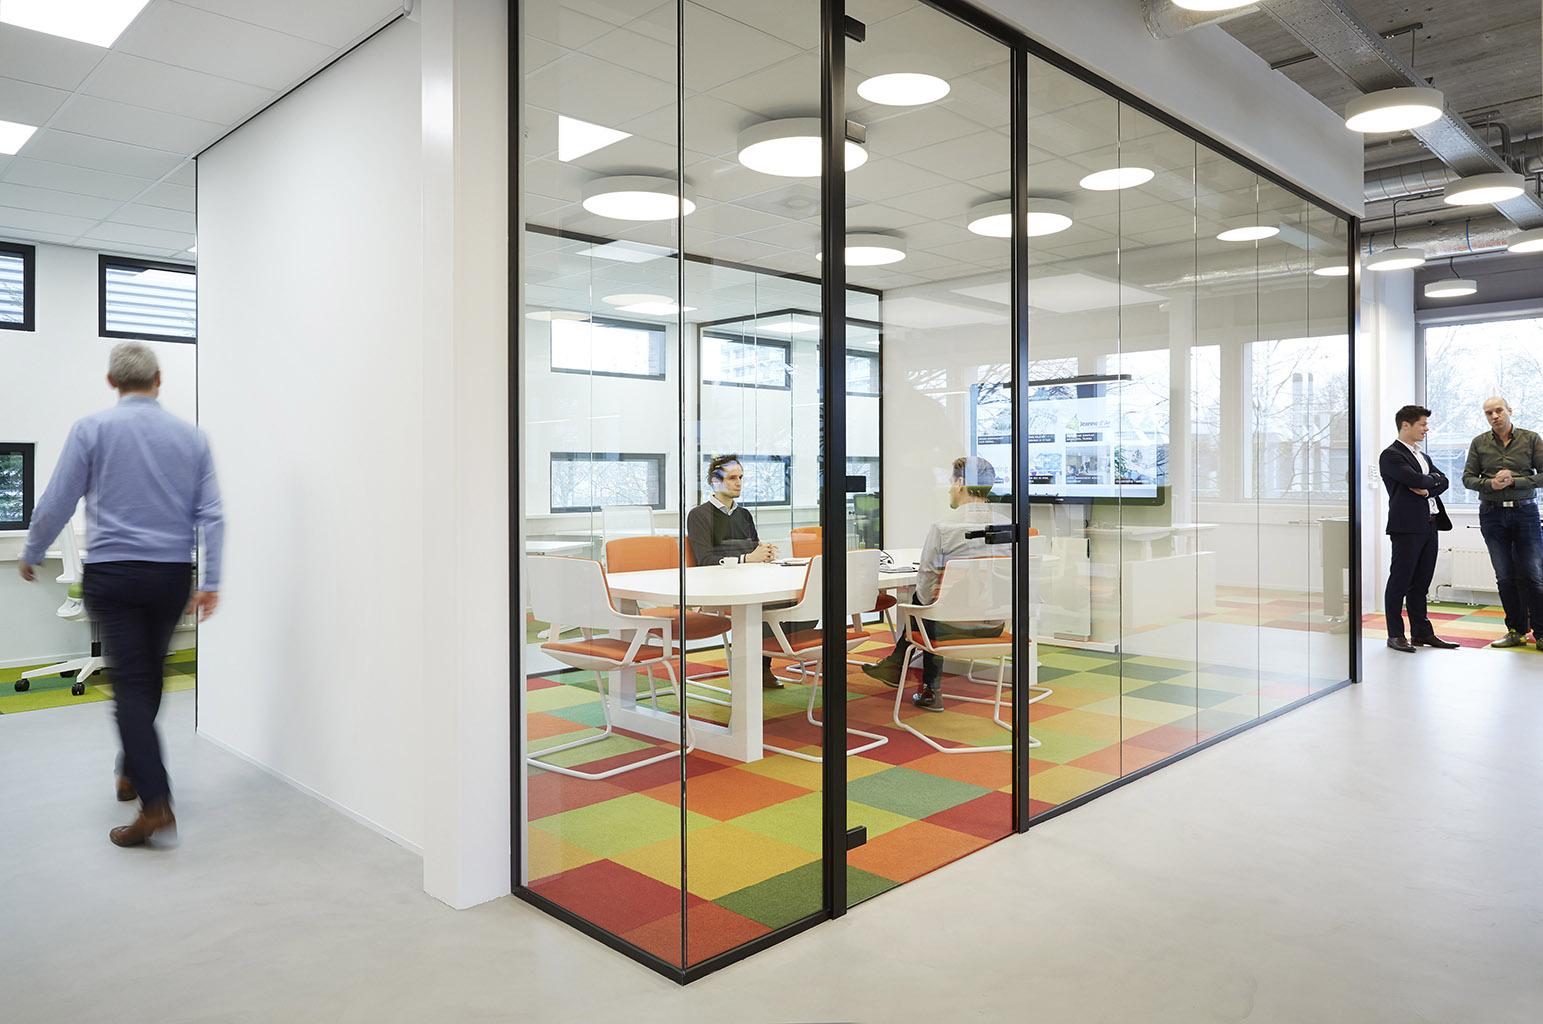 een transparante vergaderruimte zorgt voor scheiding tussen dynamiek en rust